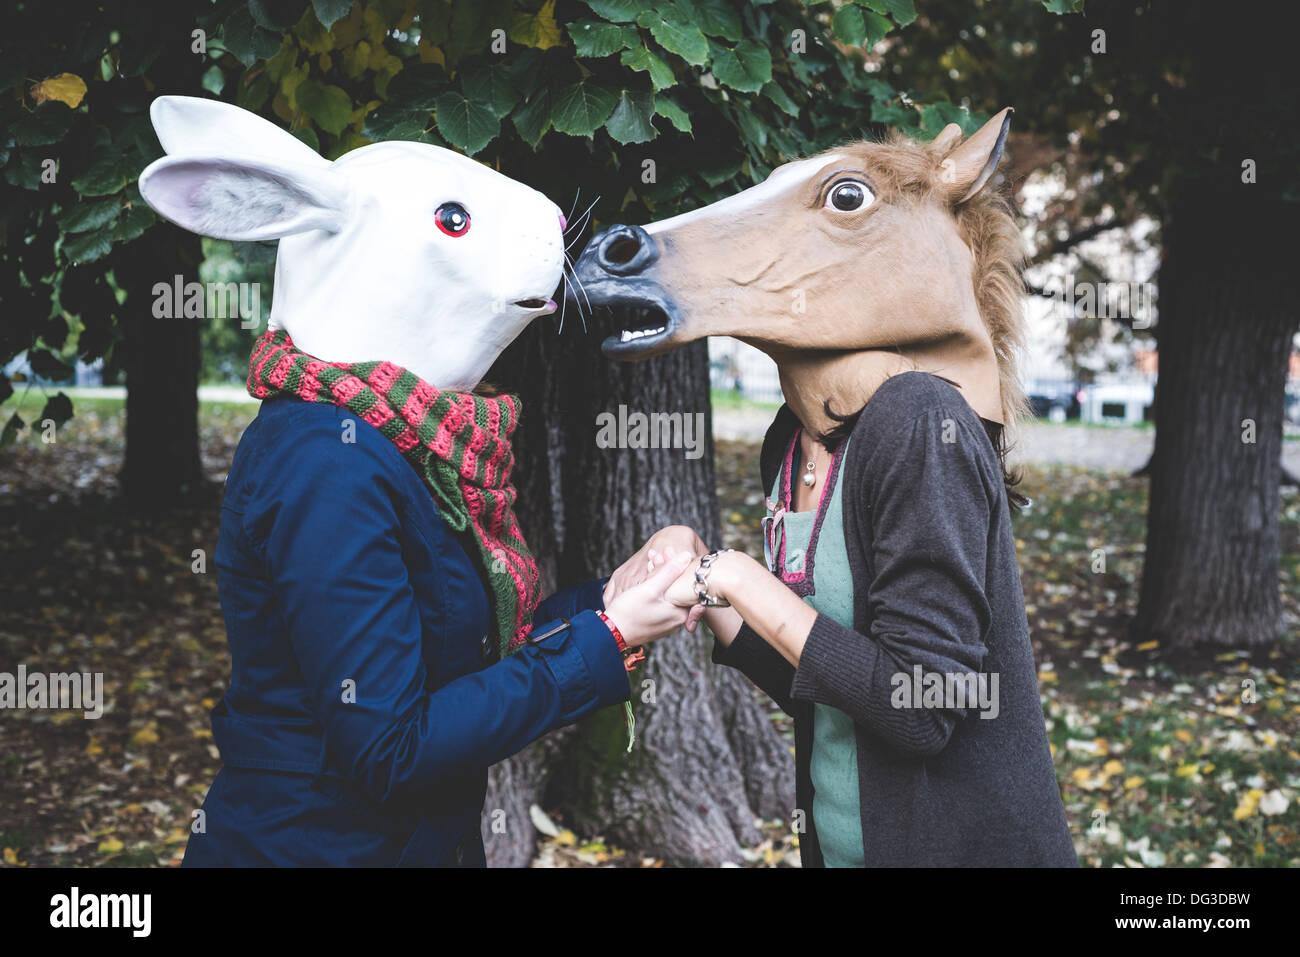 Pferd und Kaninchen Maske Frauen im Park Herbst Stockbild